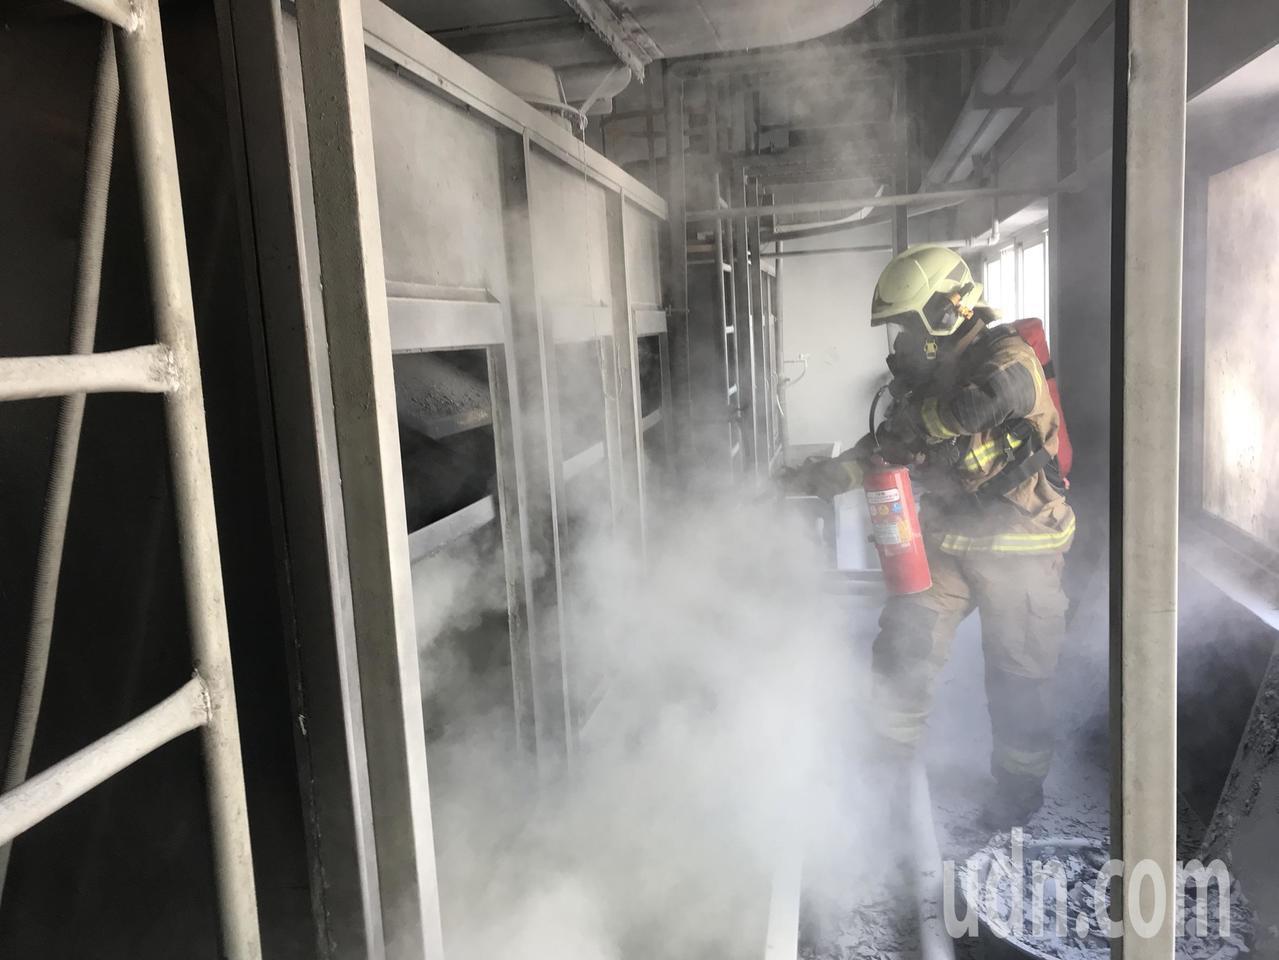 台南官田工業區工廠火警,消防隊員冒險救火。記者謝進盛/翻攝